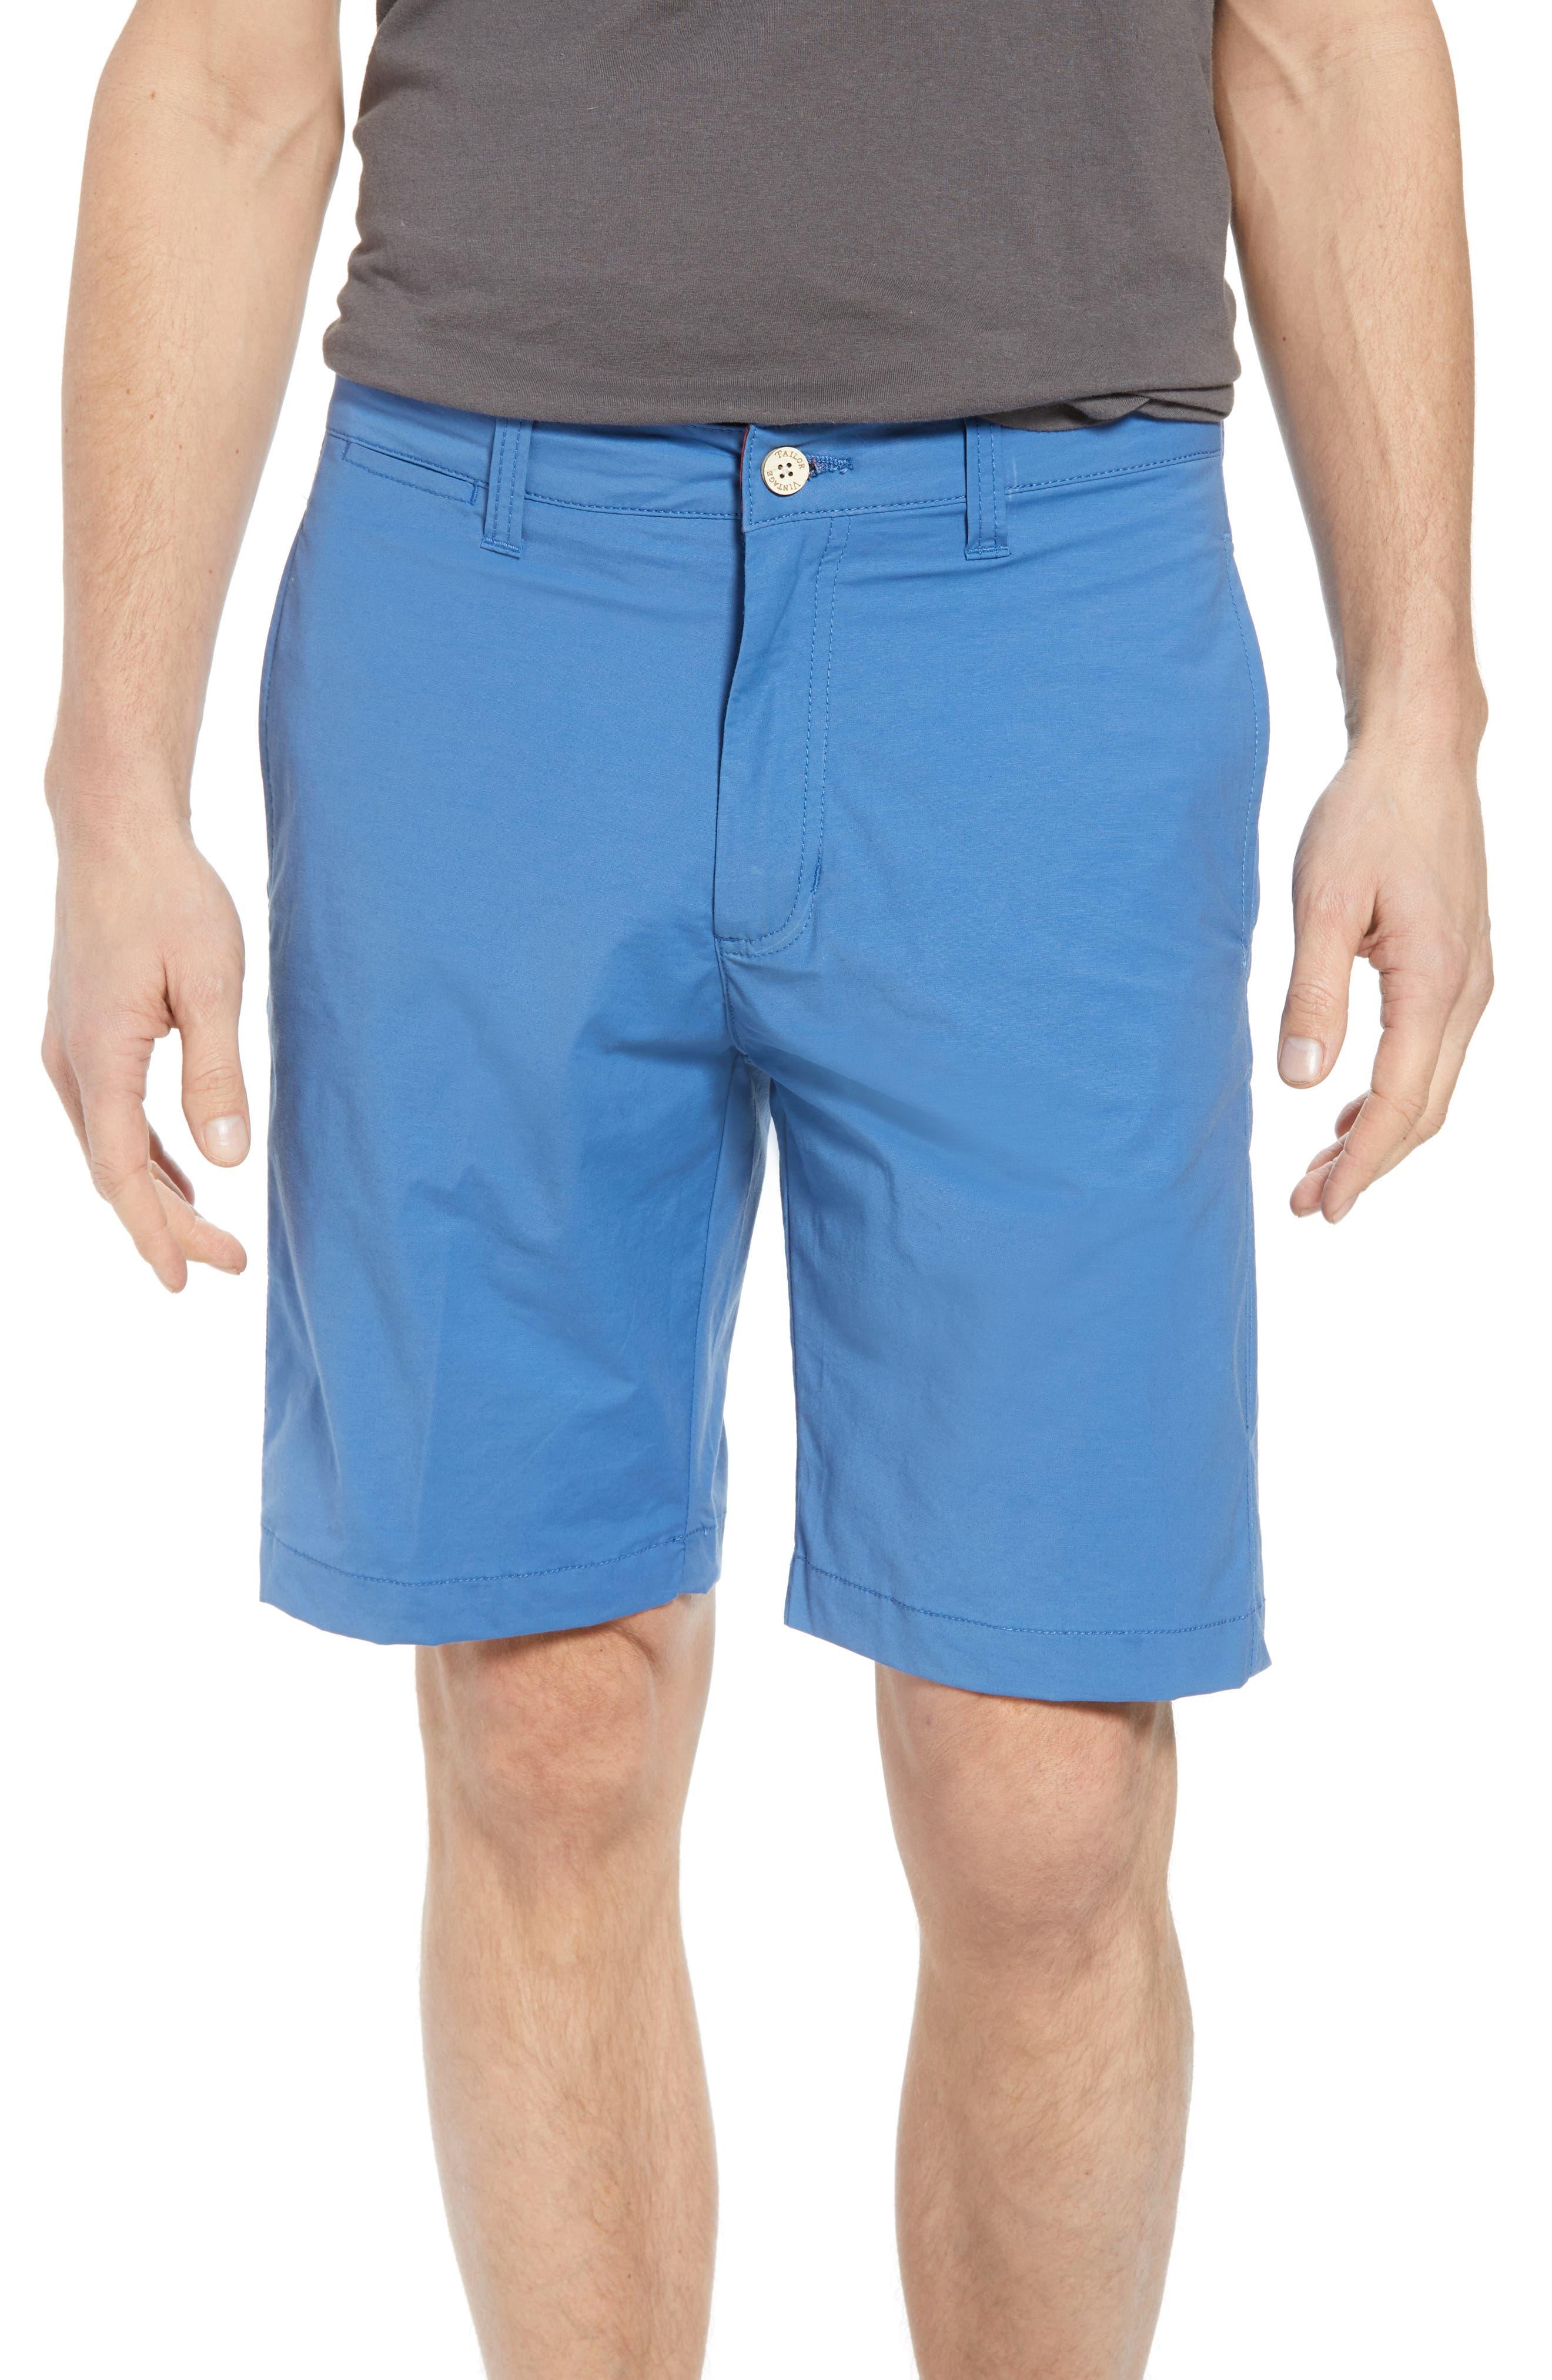 Stretch Cotton Blend Shorts,                             Main thumbnail 1, color,                             Delft